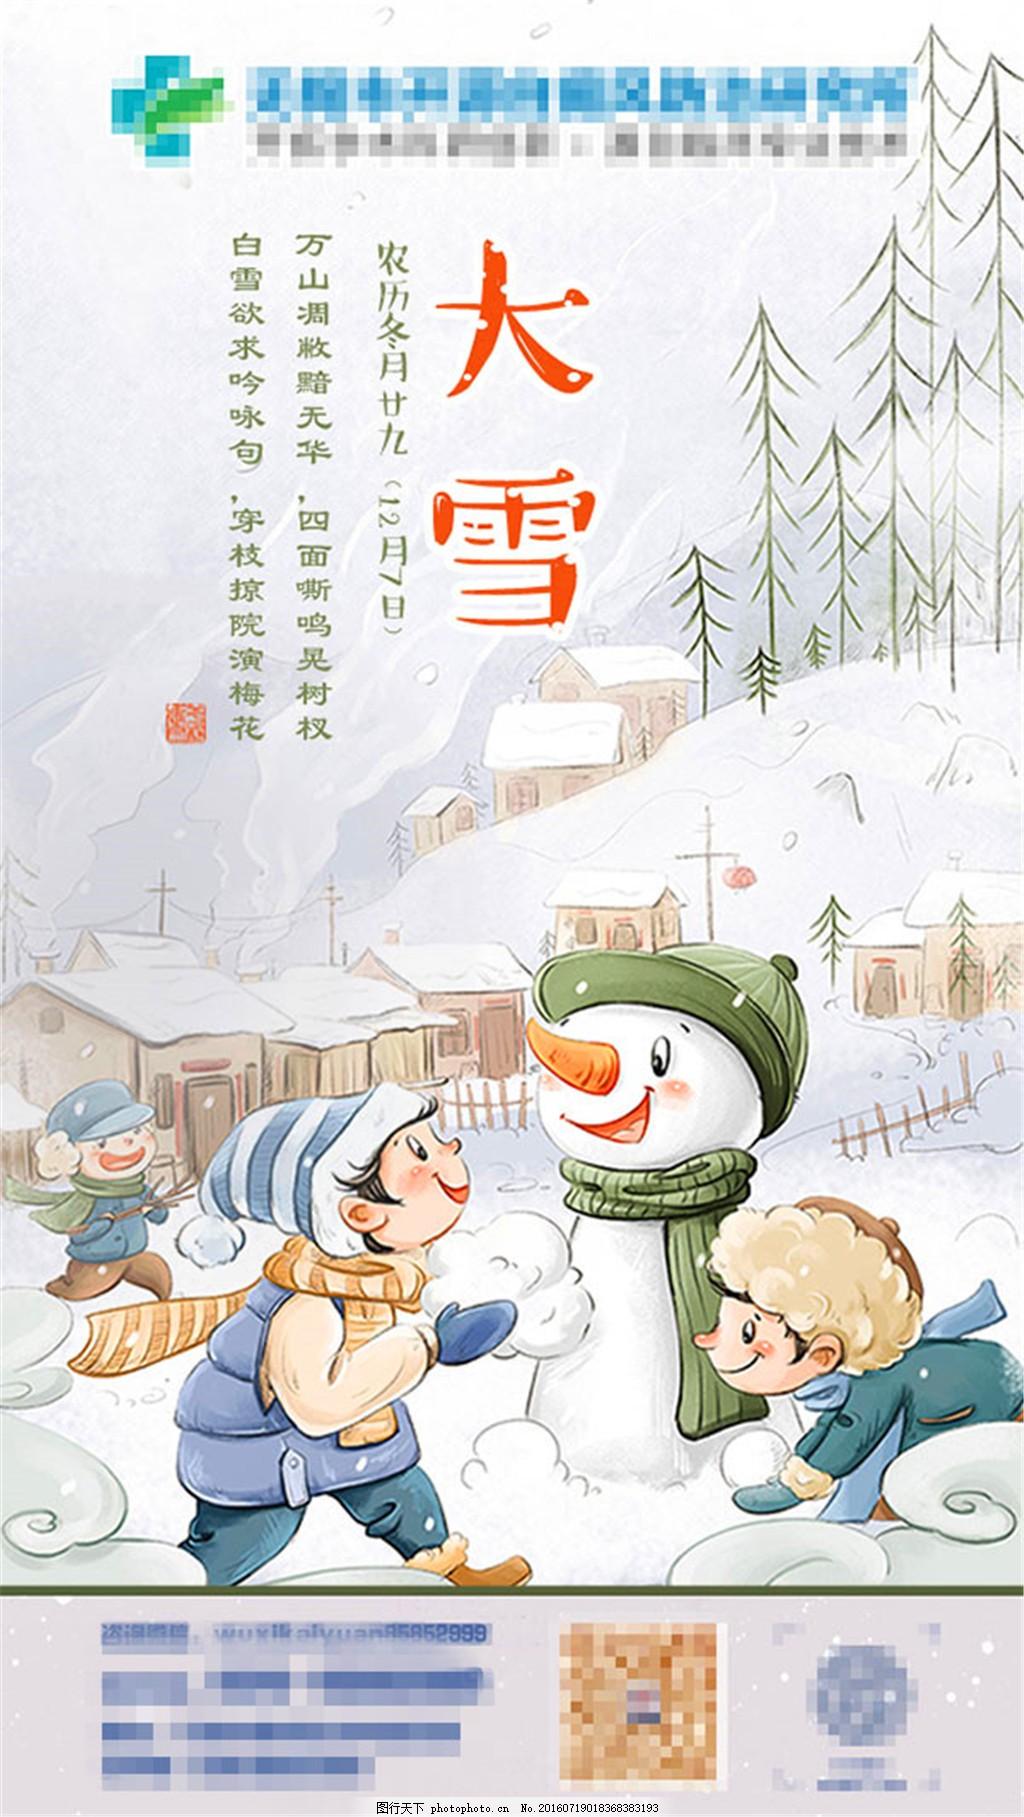 二十四节气 24节气 大雪 卡通图片 堆雪人 雪人 人物图片 儿童 手绘